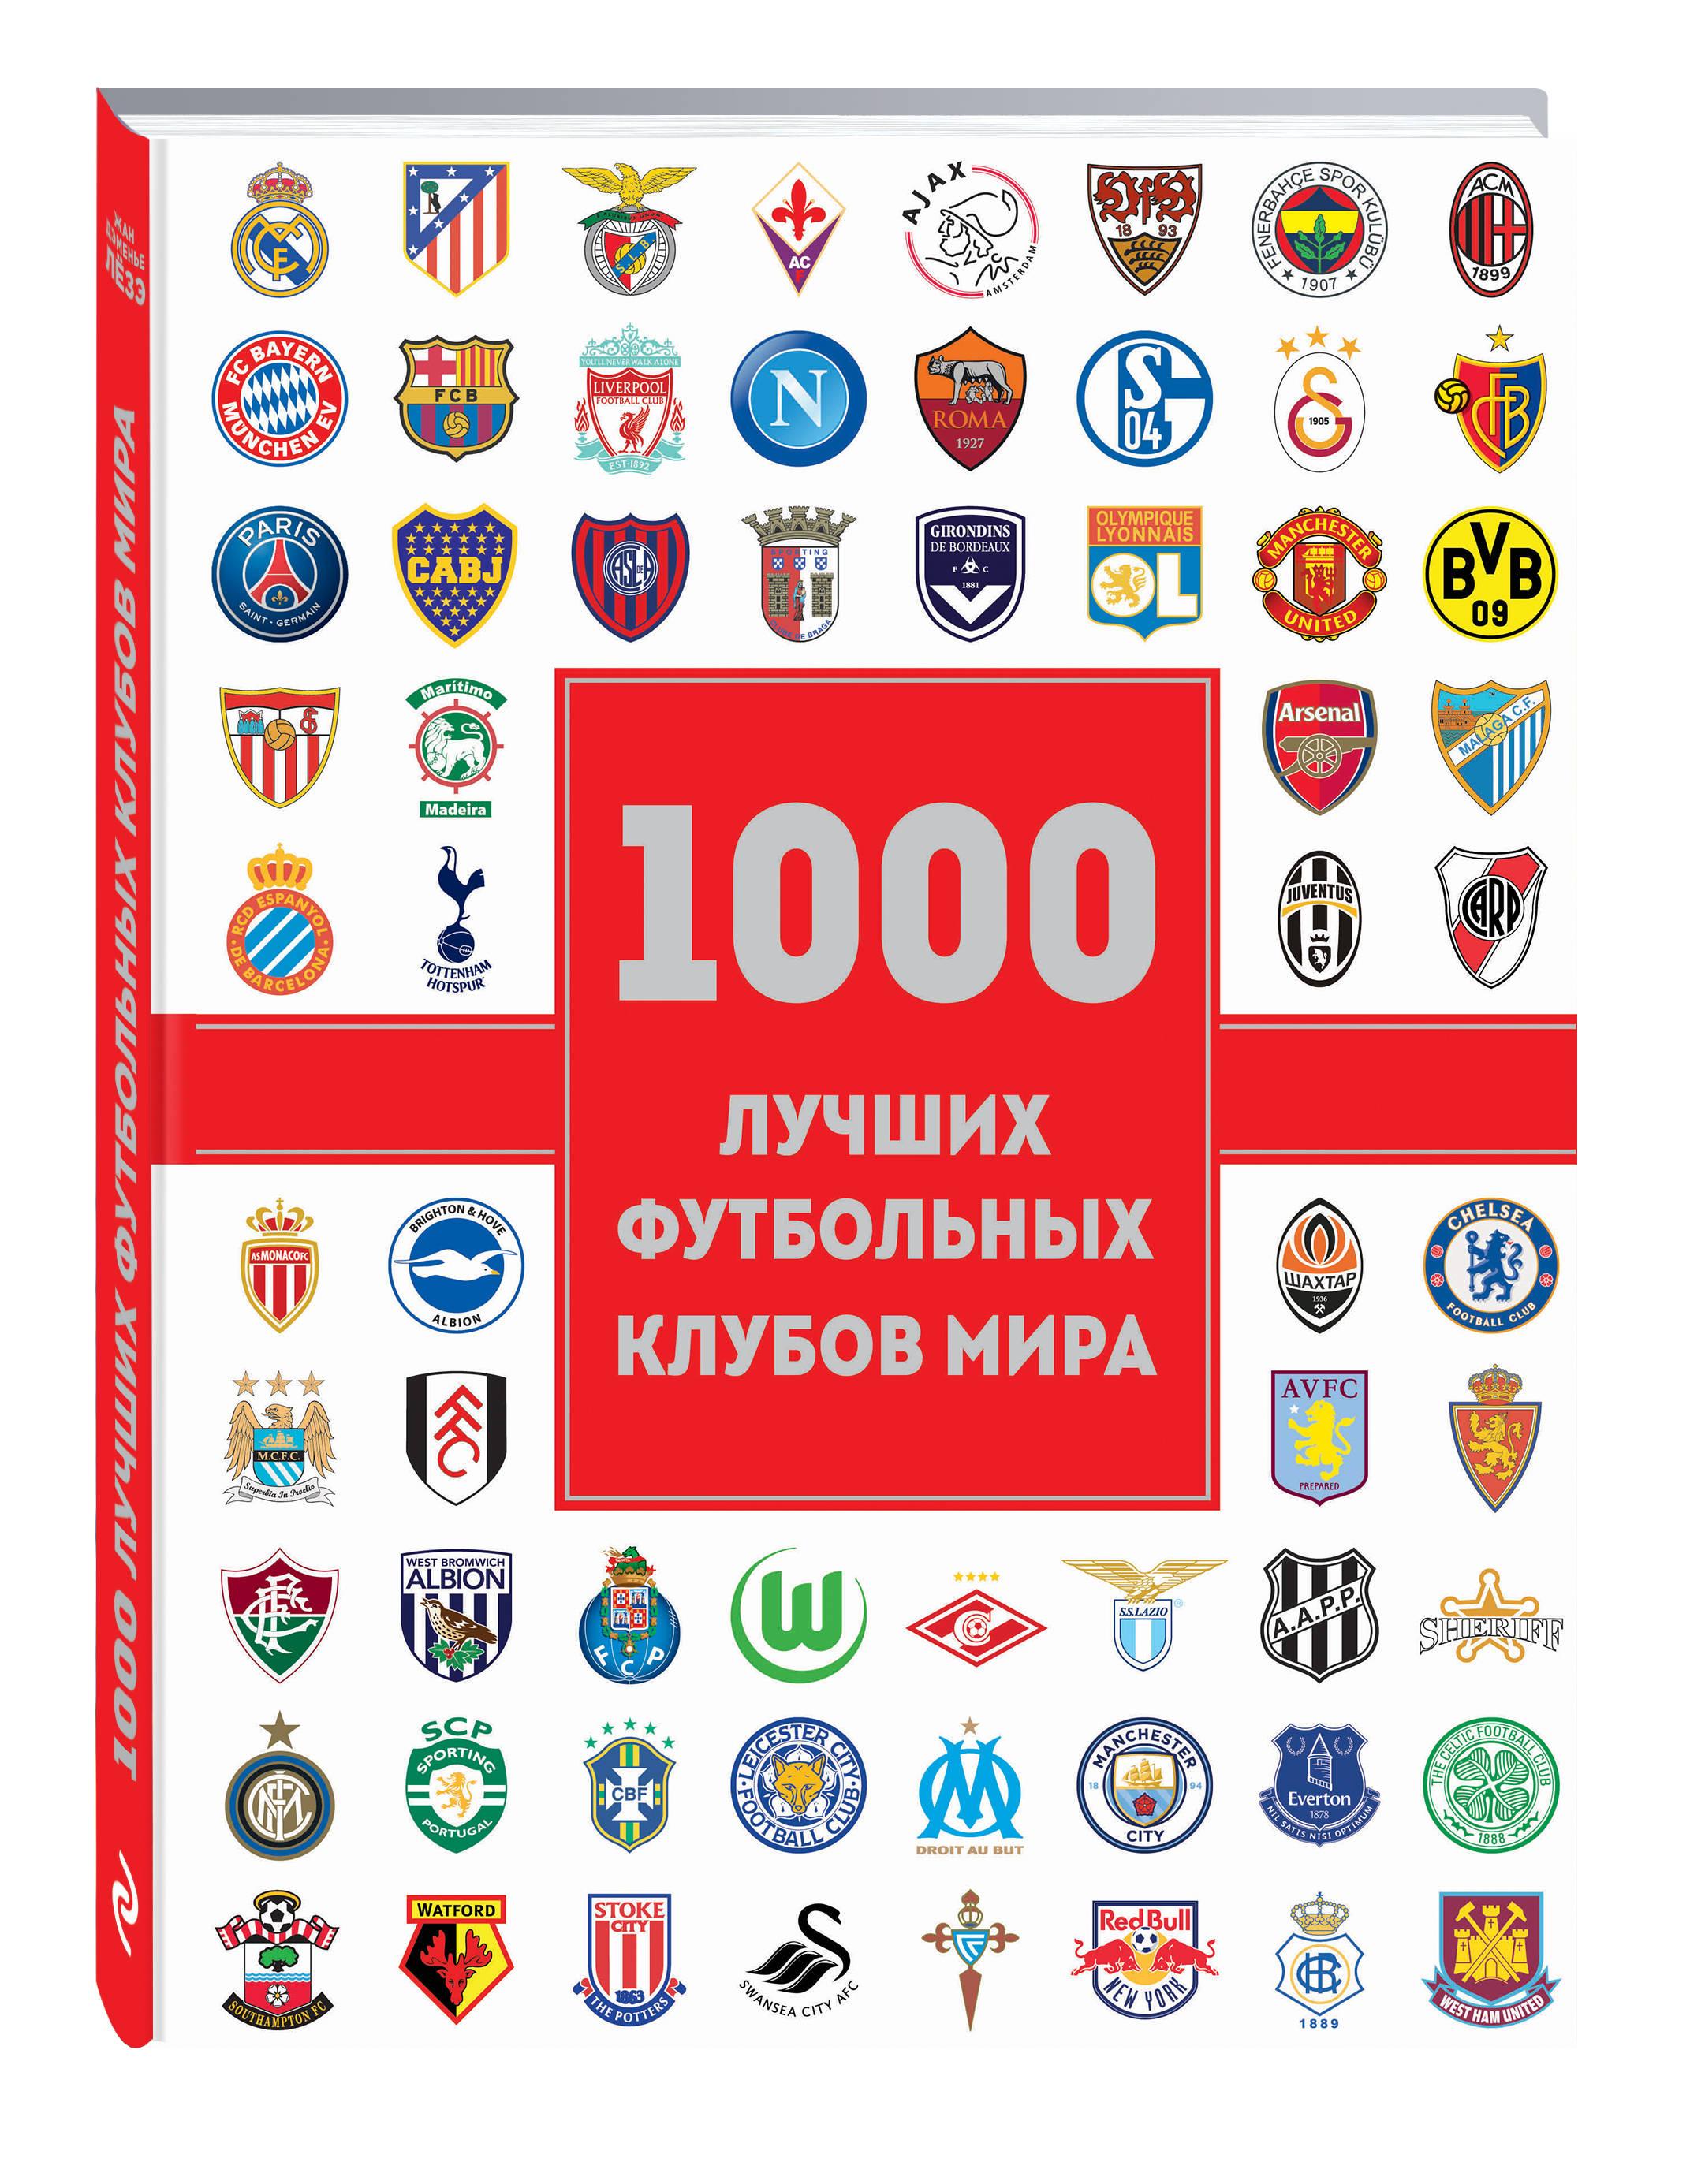 Жан Дэменье Лёзэ 1000 лучших футбольных клубов мира (2-е изд.) 1000 лучших впечатлений которые все мечтают испытать